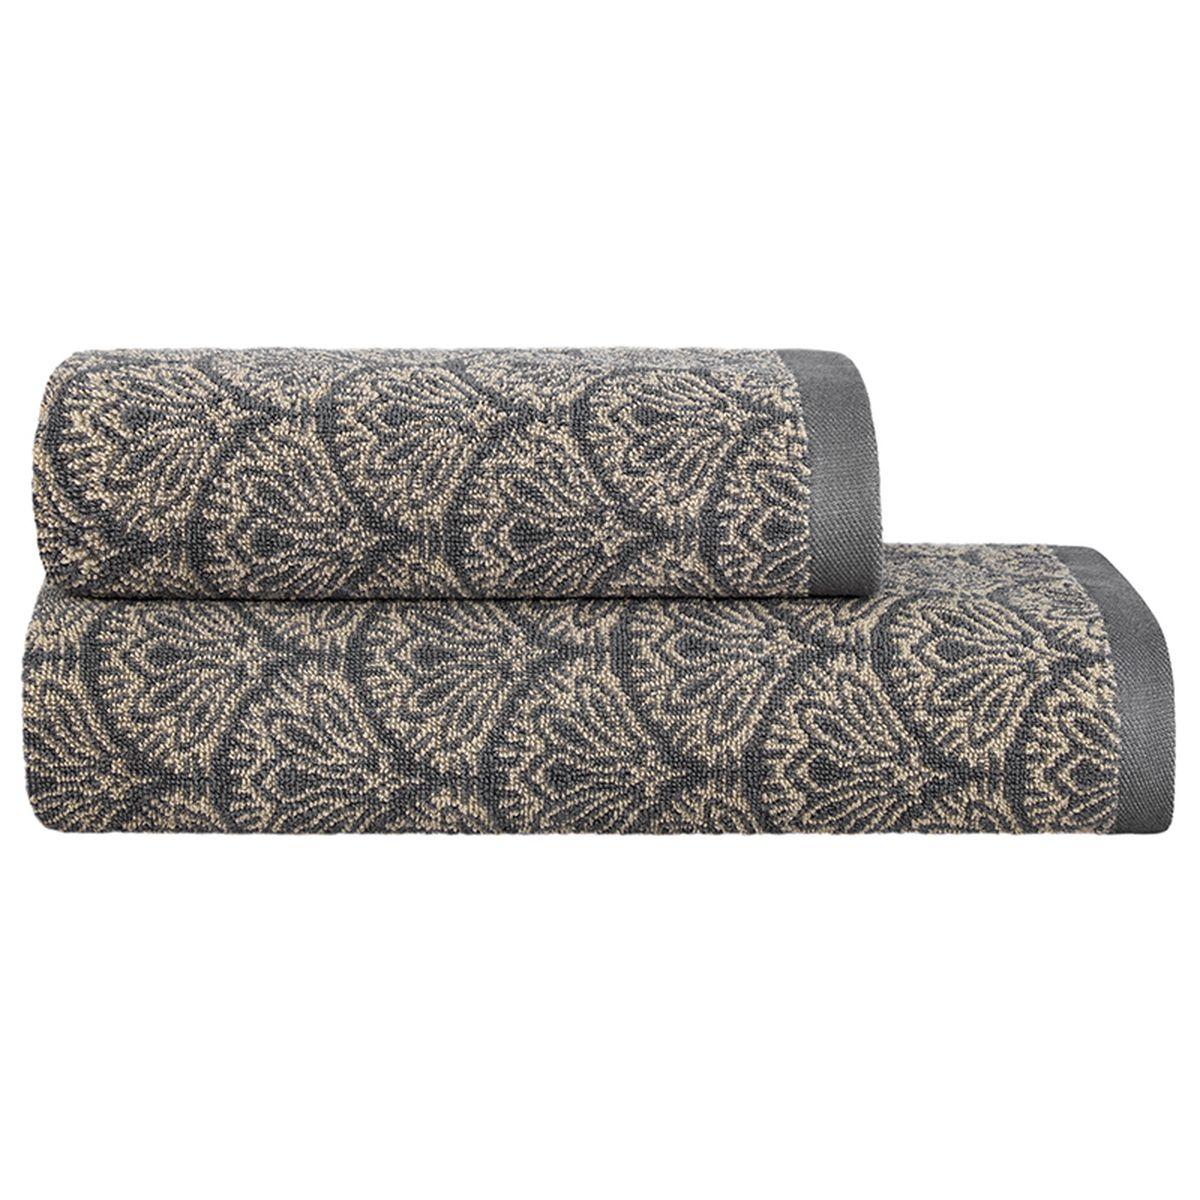 """Набор Togas """"Арт-деко"""", выполненный из 60% хлопка и 40% модела, невероятно гармонично  сочетает в себе лучшие качества современного махрового текстиля. Набор полотенец идеально  заботится о вашей коже, особенно после душа, когда вы расслаблены и особо уязвимы.  Деликатный дизайн полотенец Togas «Арт-деко» - воплощение изысканной простоты, где на  первый план выходит качество материала. Невероятно мягкое волокно модал, превосходящее по  своим свойствам даже хлопок, позволяет улучшить впитывающие качества полотенца и делает  его удивительно мягким. Модал - это 100% натуральное, экологически чистое целлюлозное  волокно. Оно производится без применения каких-либо химических примесей, поэтому абсолютно  гипоаллергенно.   Набор полотенец Togas """"Арт-деко"""", обладающий идеальными качествами, будет поднимать вам  настроение. Размер полотенца: 50 х 100 см; 70 х 140 см."""